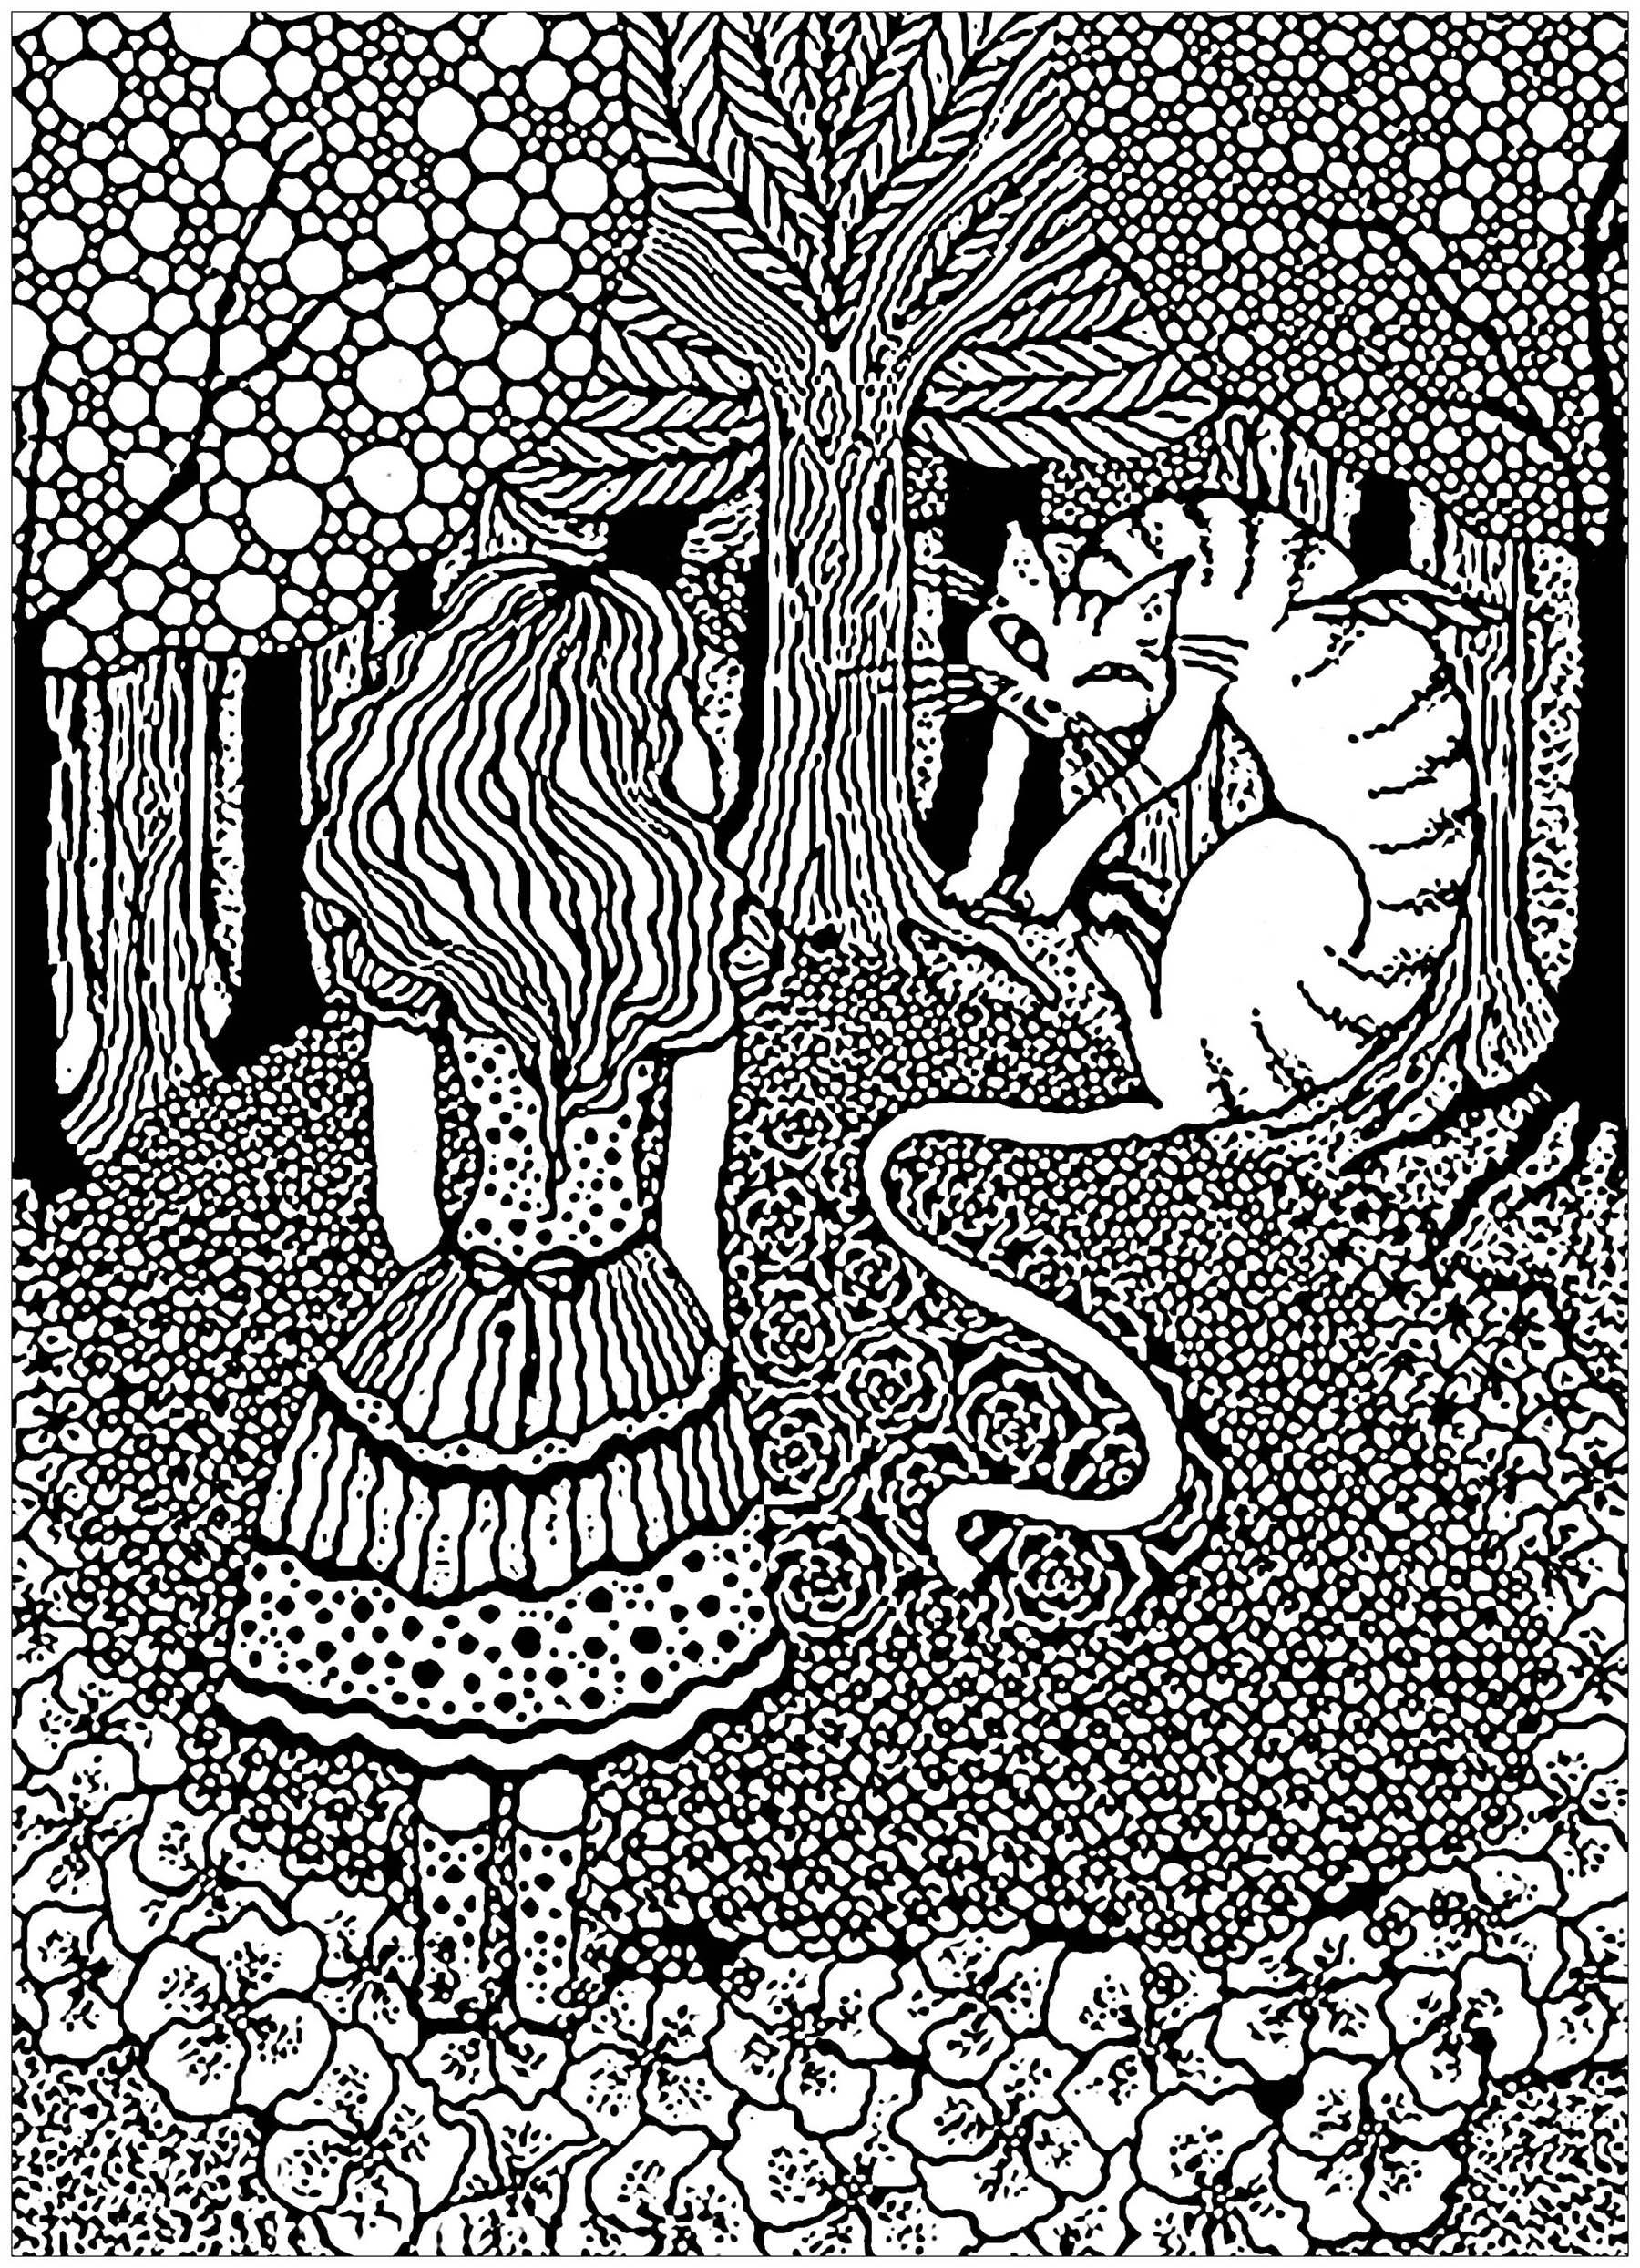 Un coloriage tr¨s plexe inspiré par Alice aux Pays des merveilles avec le Chat Cheshire